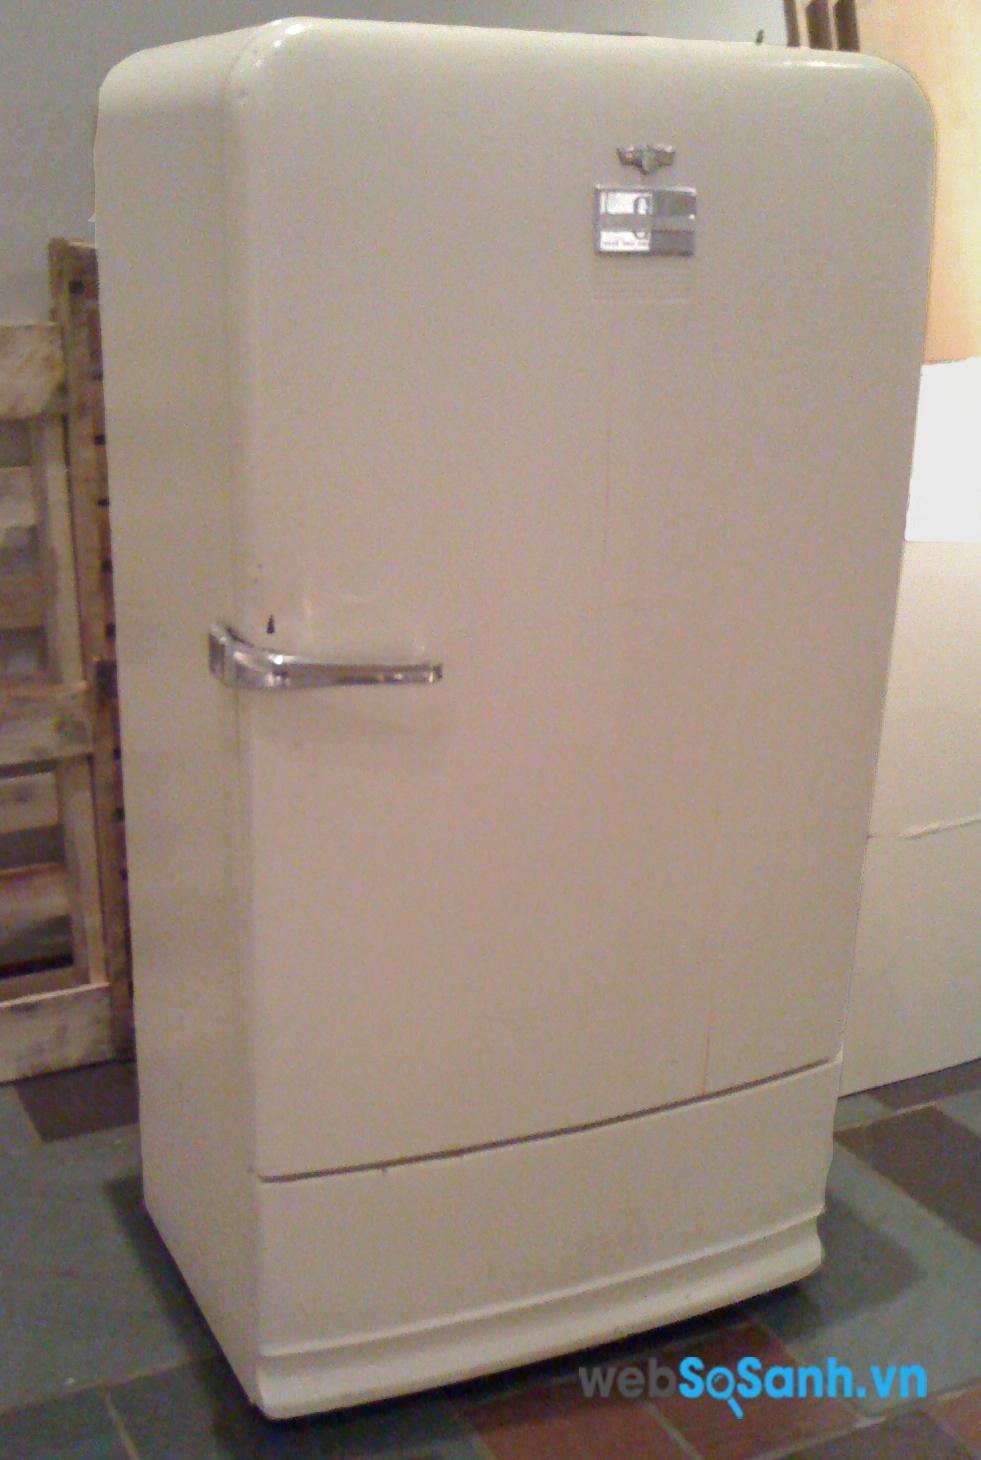 Mua tủ lạnh cũ là một trong những giải pháp khá tốt